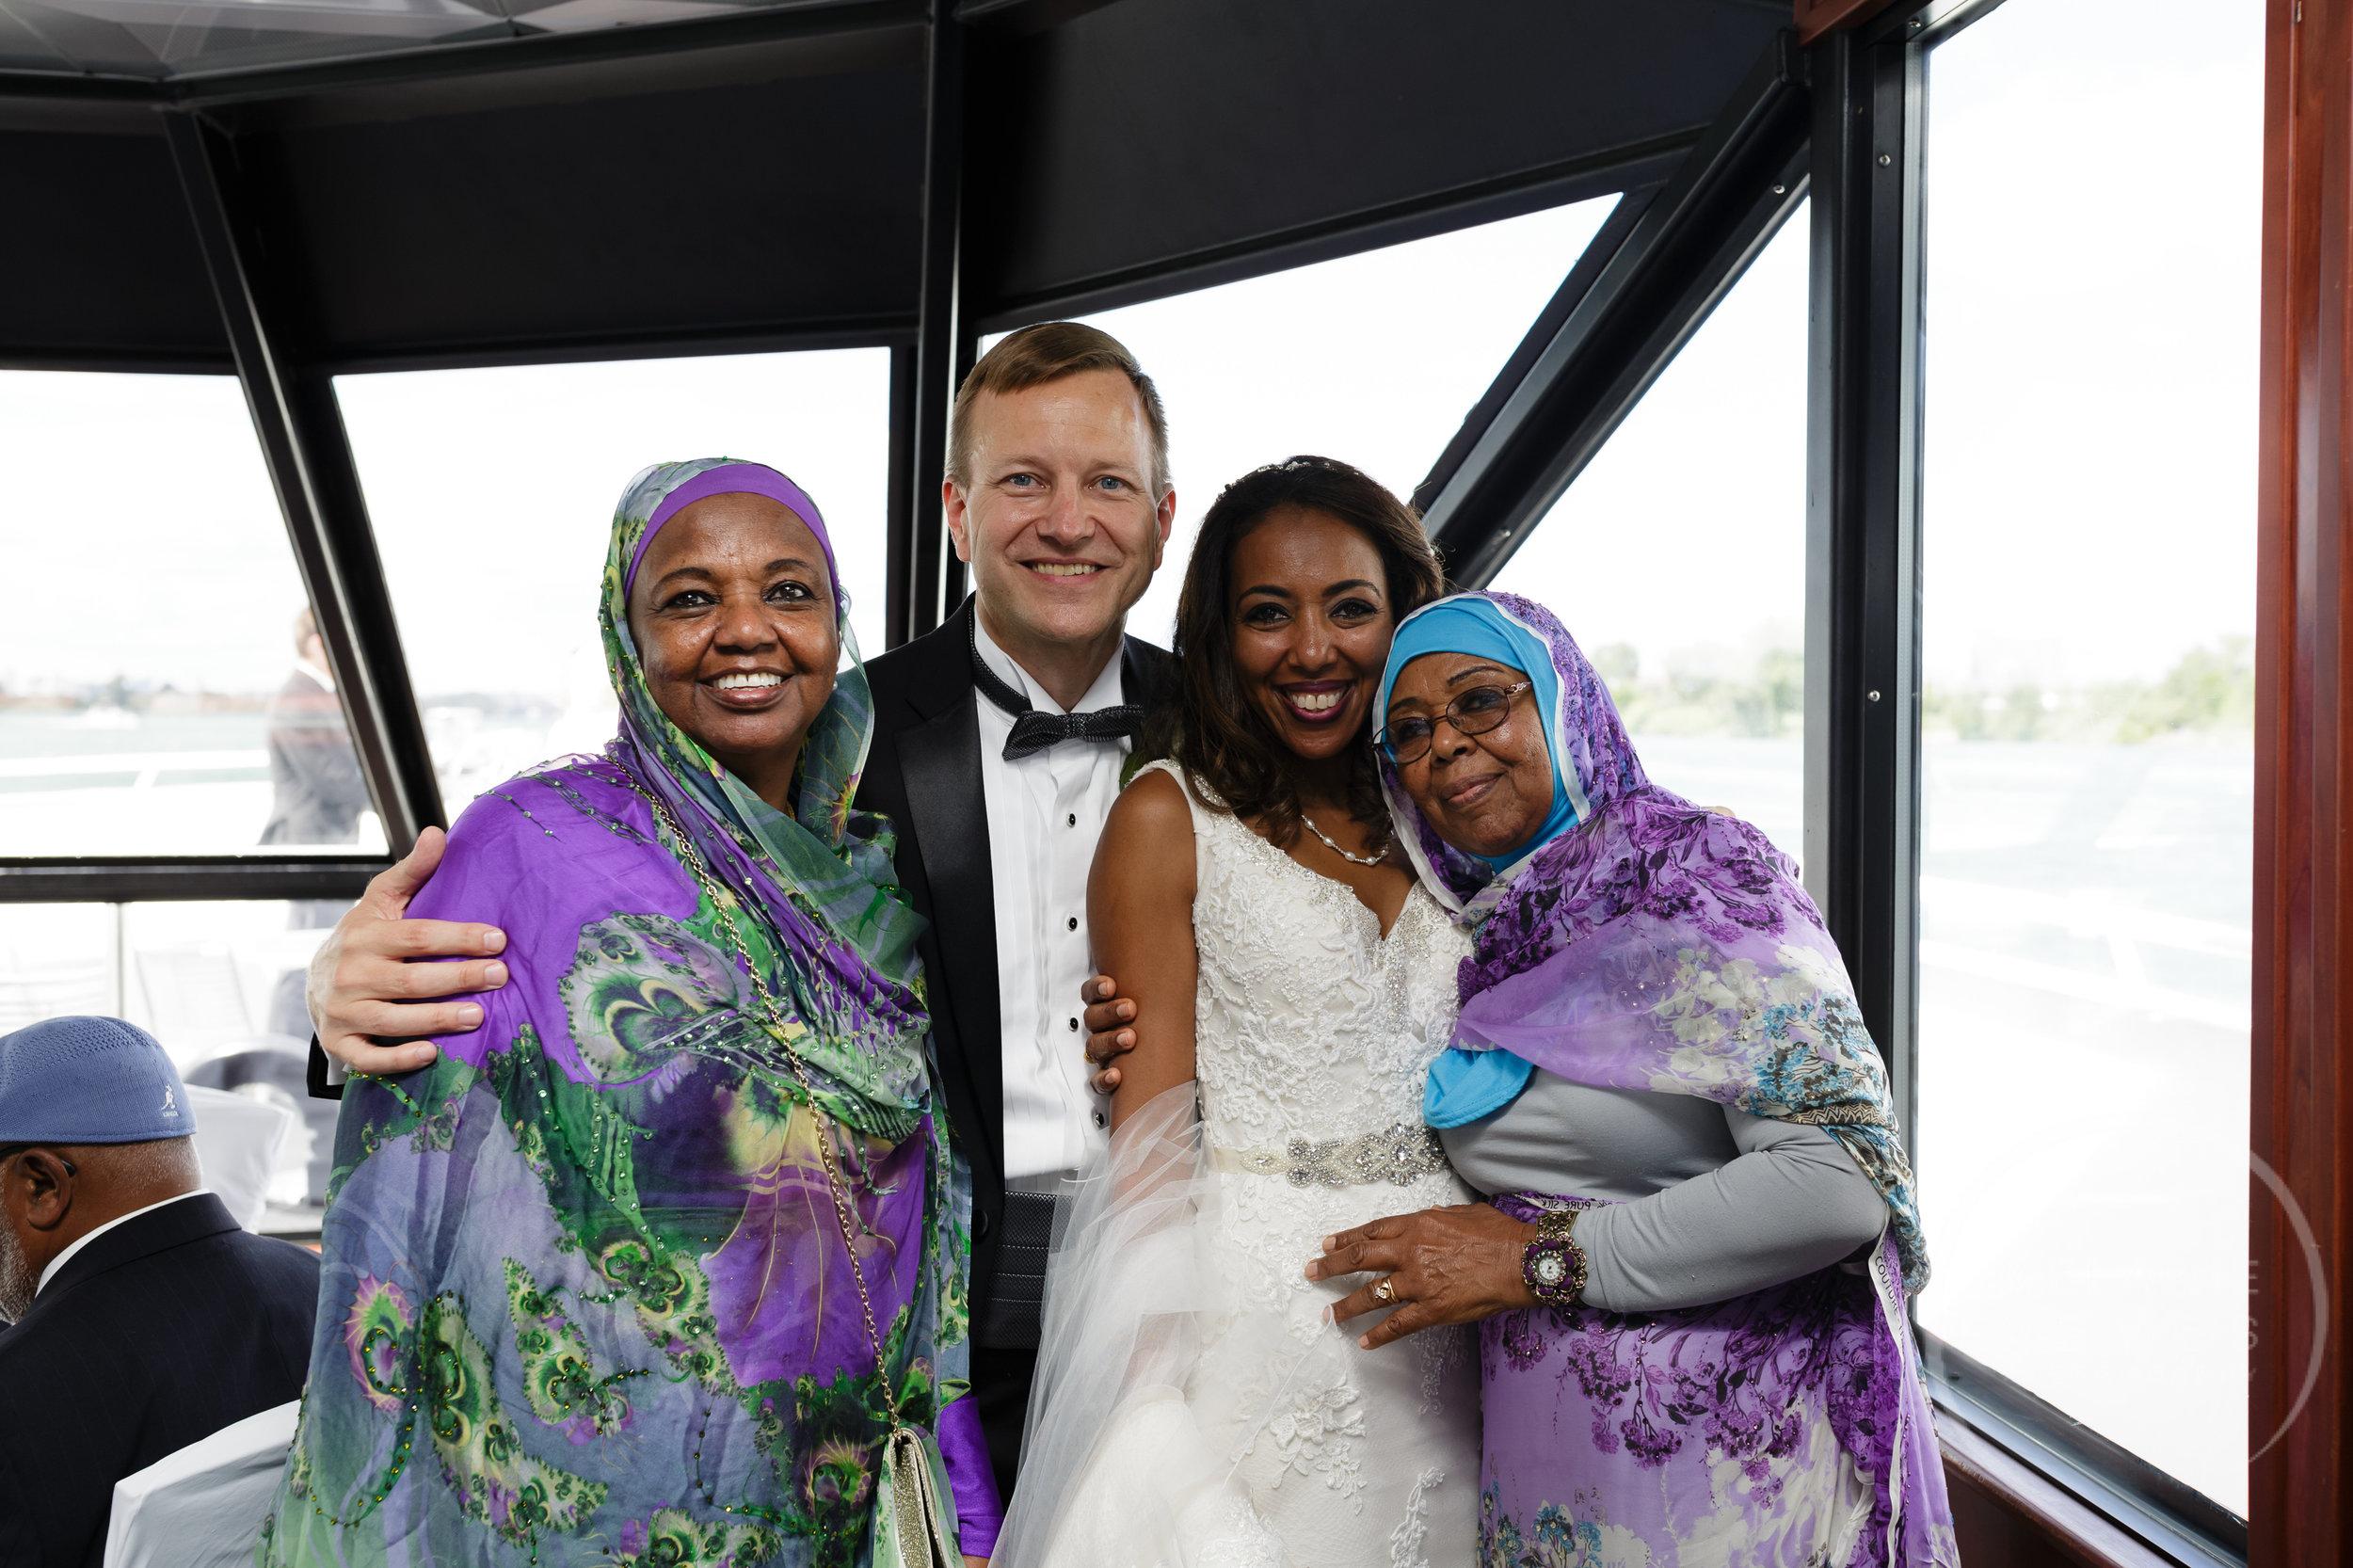 infinity_ovation_yacht_wedding_detroit_melaniereyes39.jpg